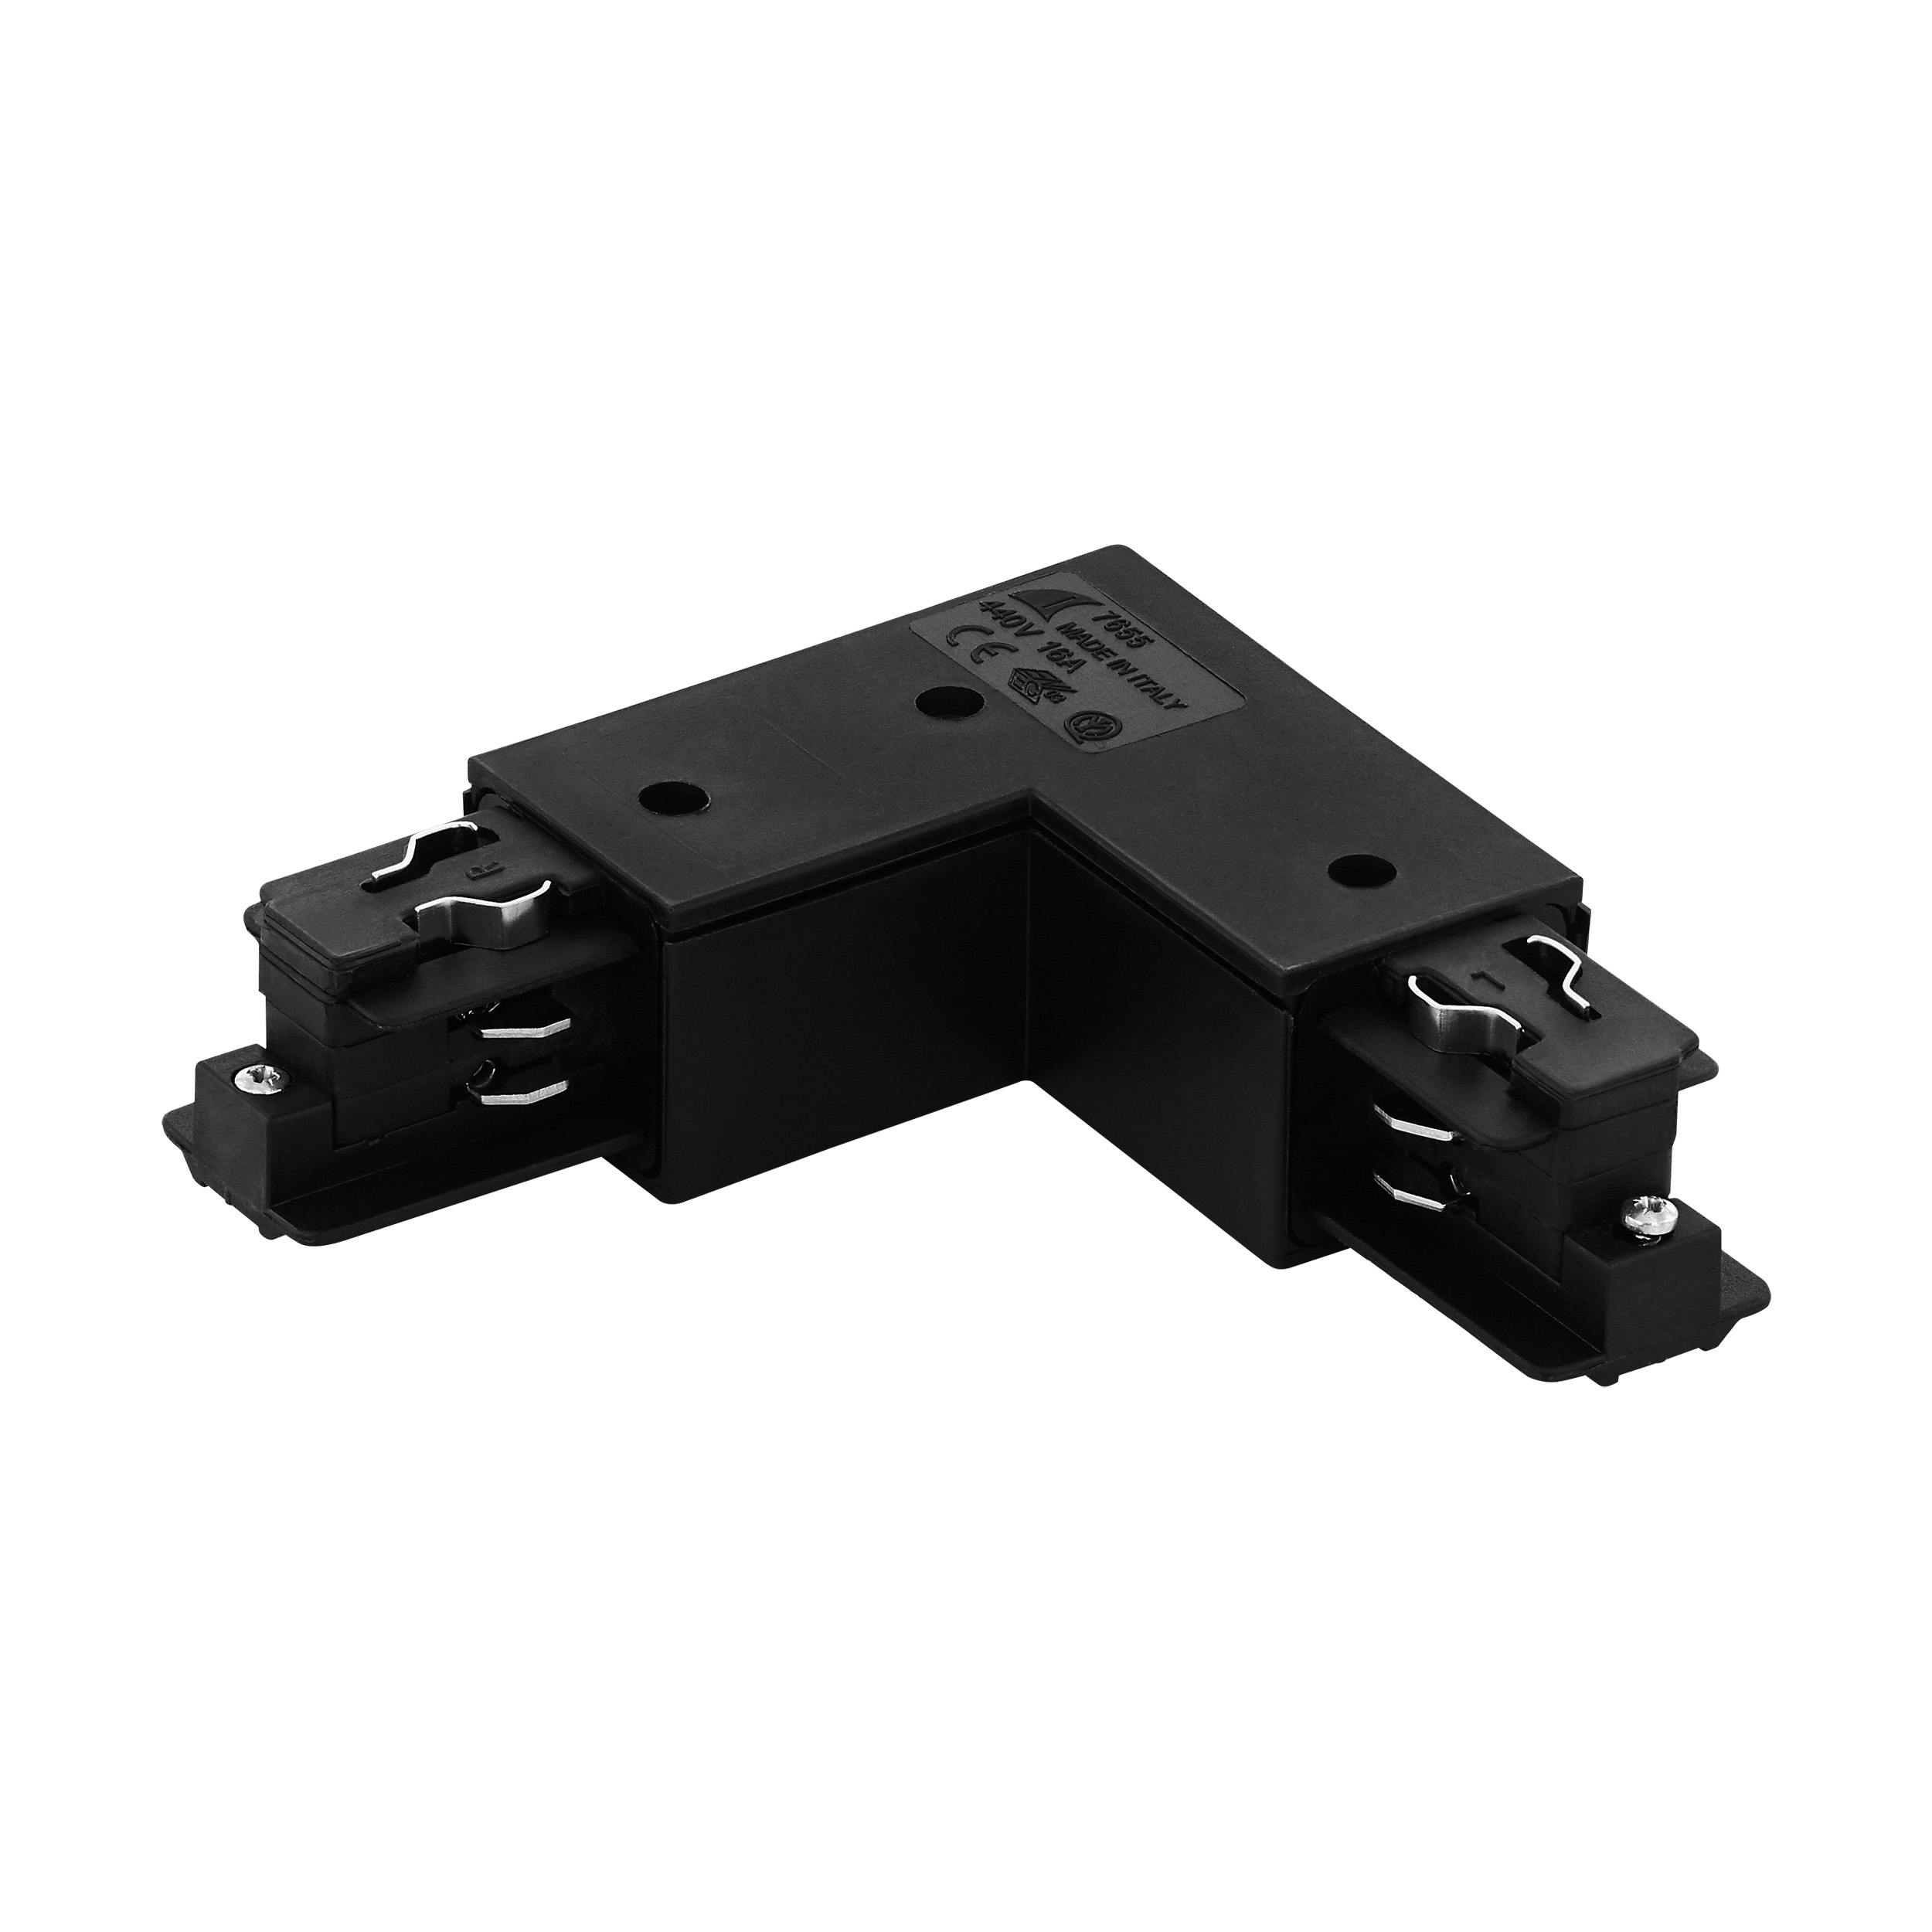 1 Stk 3-Phasen 90° Verbinder schwarz Aufbau, Kunststoff, innen LI60774---